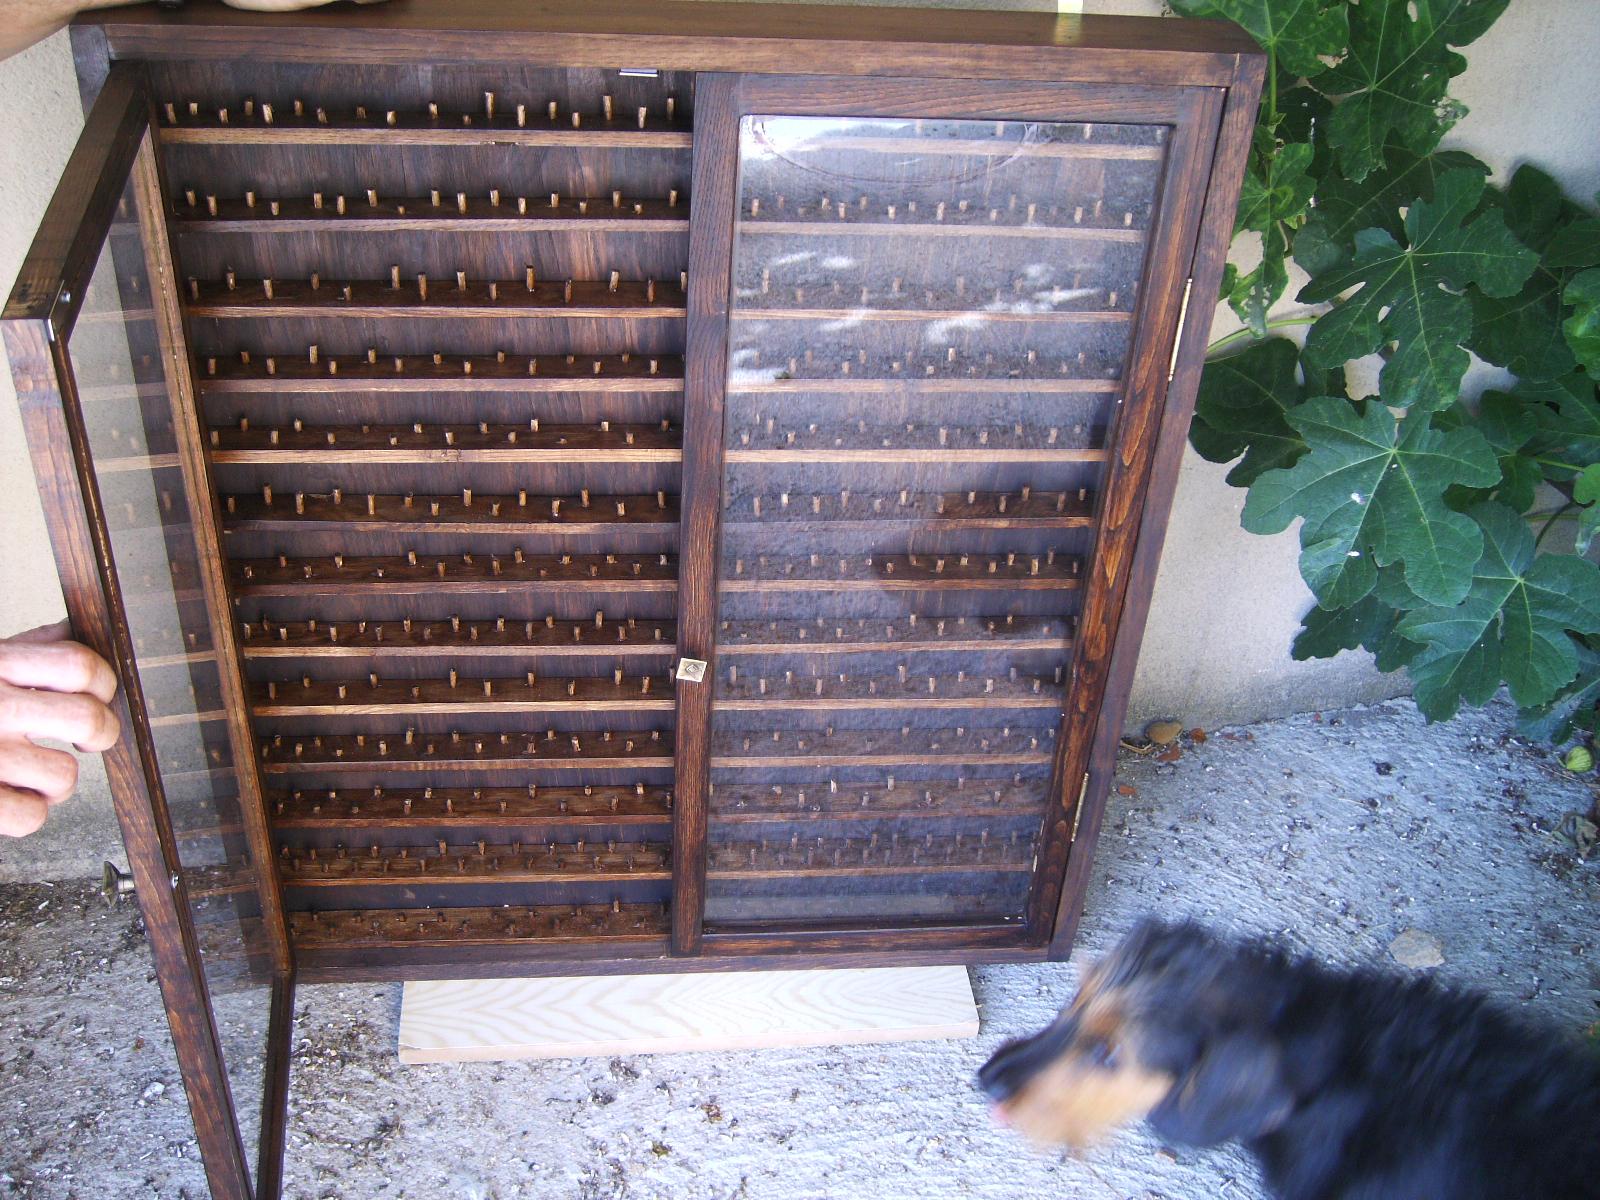 Artesan a tope y cu a mueble para coleccionistas - Estanterias para dedales ...